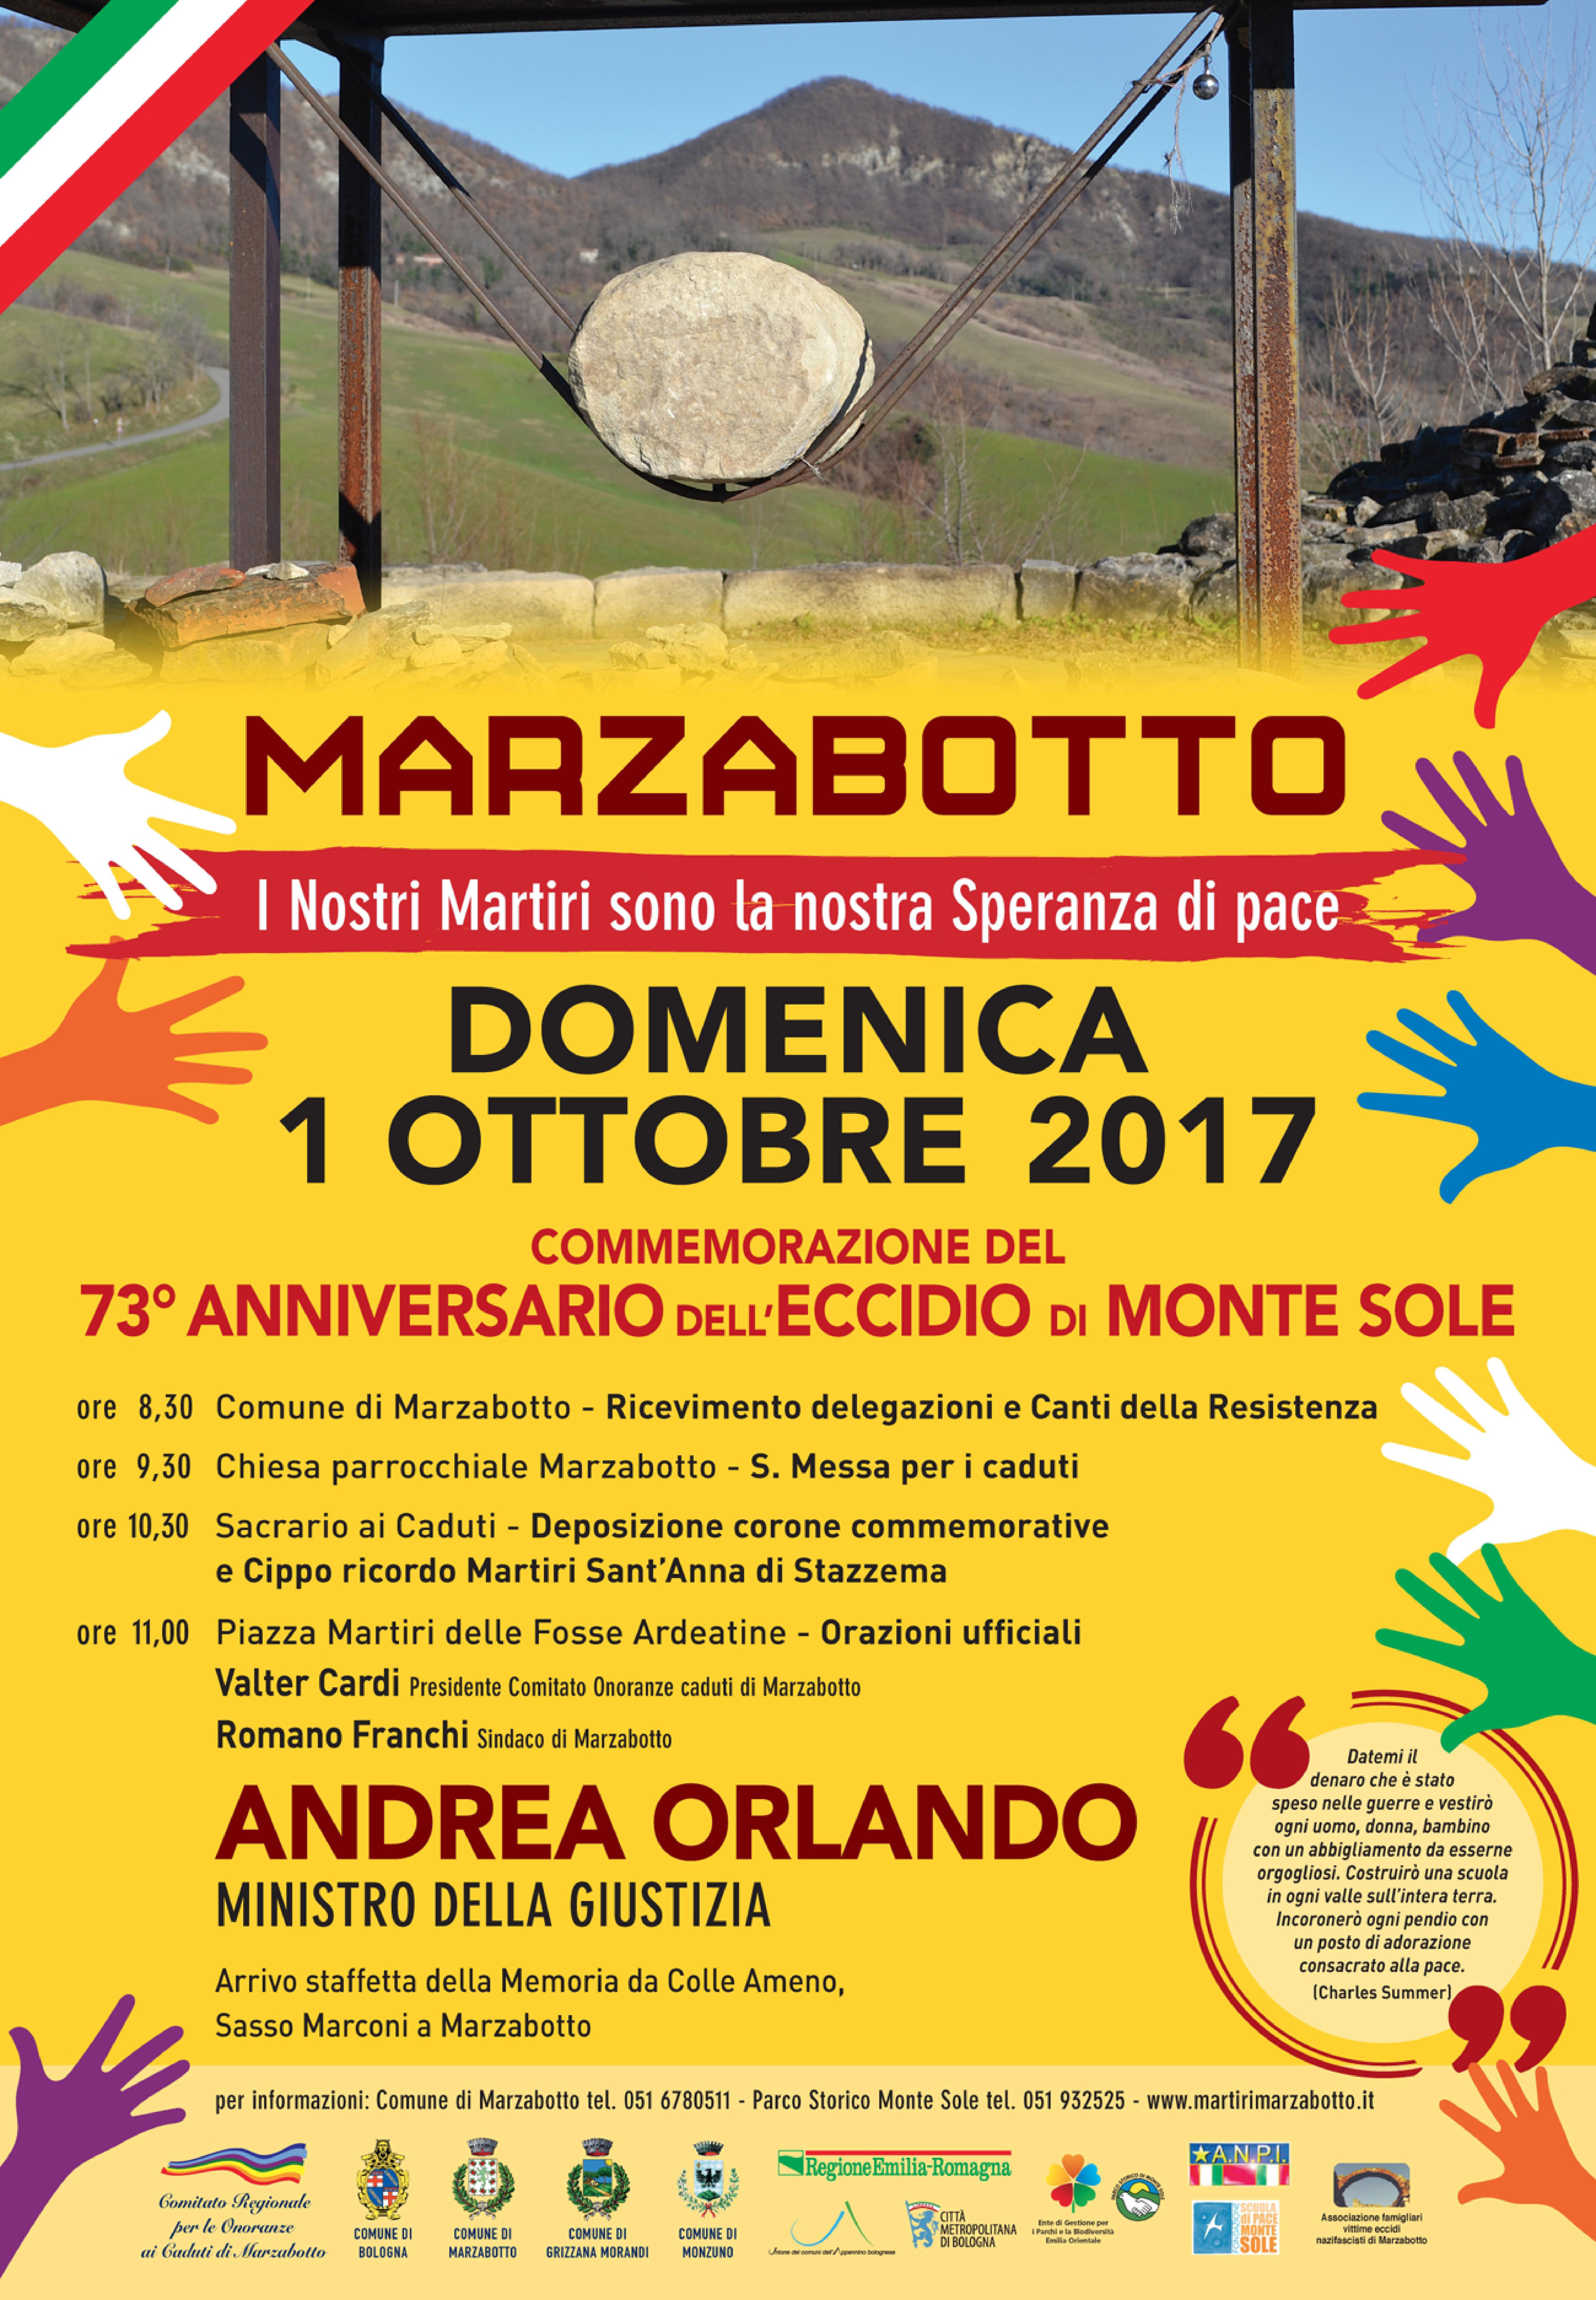 Commemorazione Marzabotto